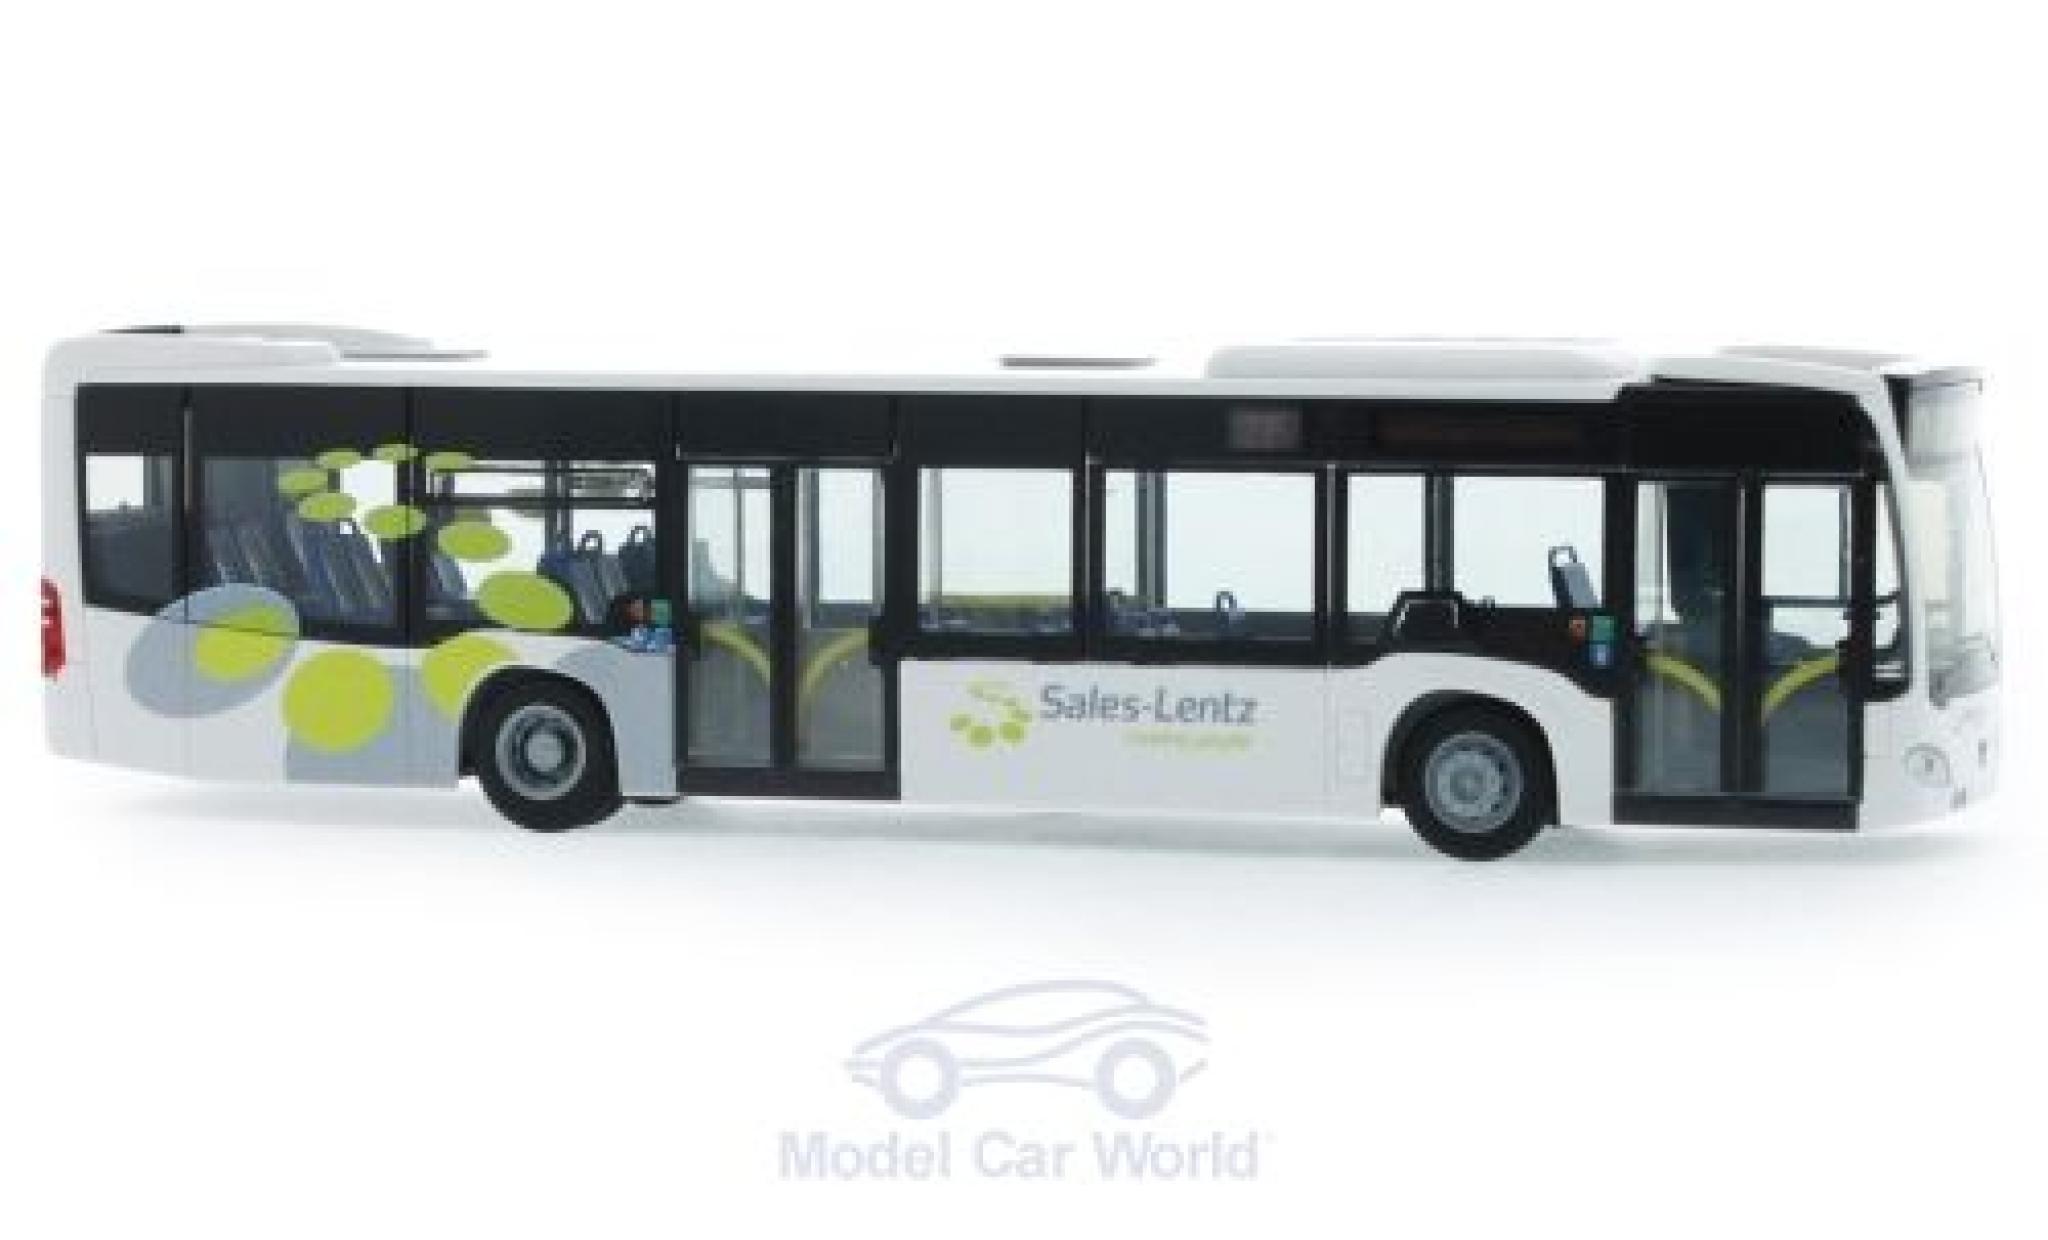 Mercedes Citaro 1/87 Rietze Sales-Lentz (LU) 2012